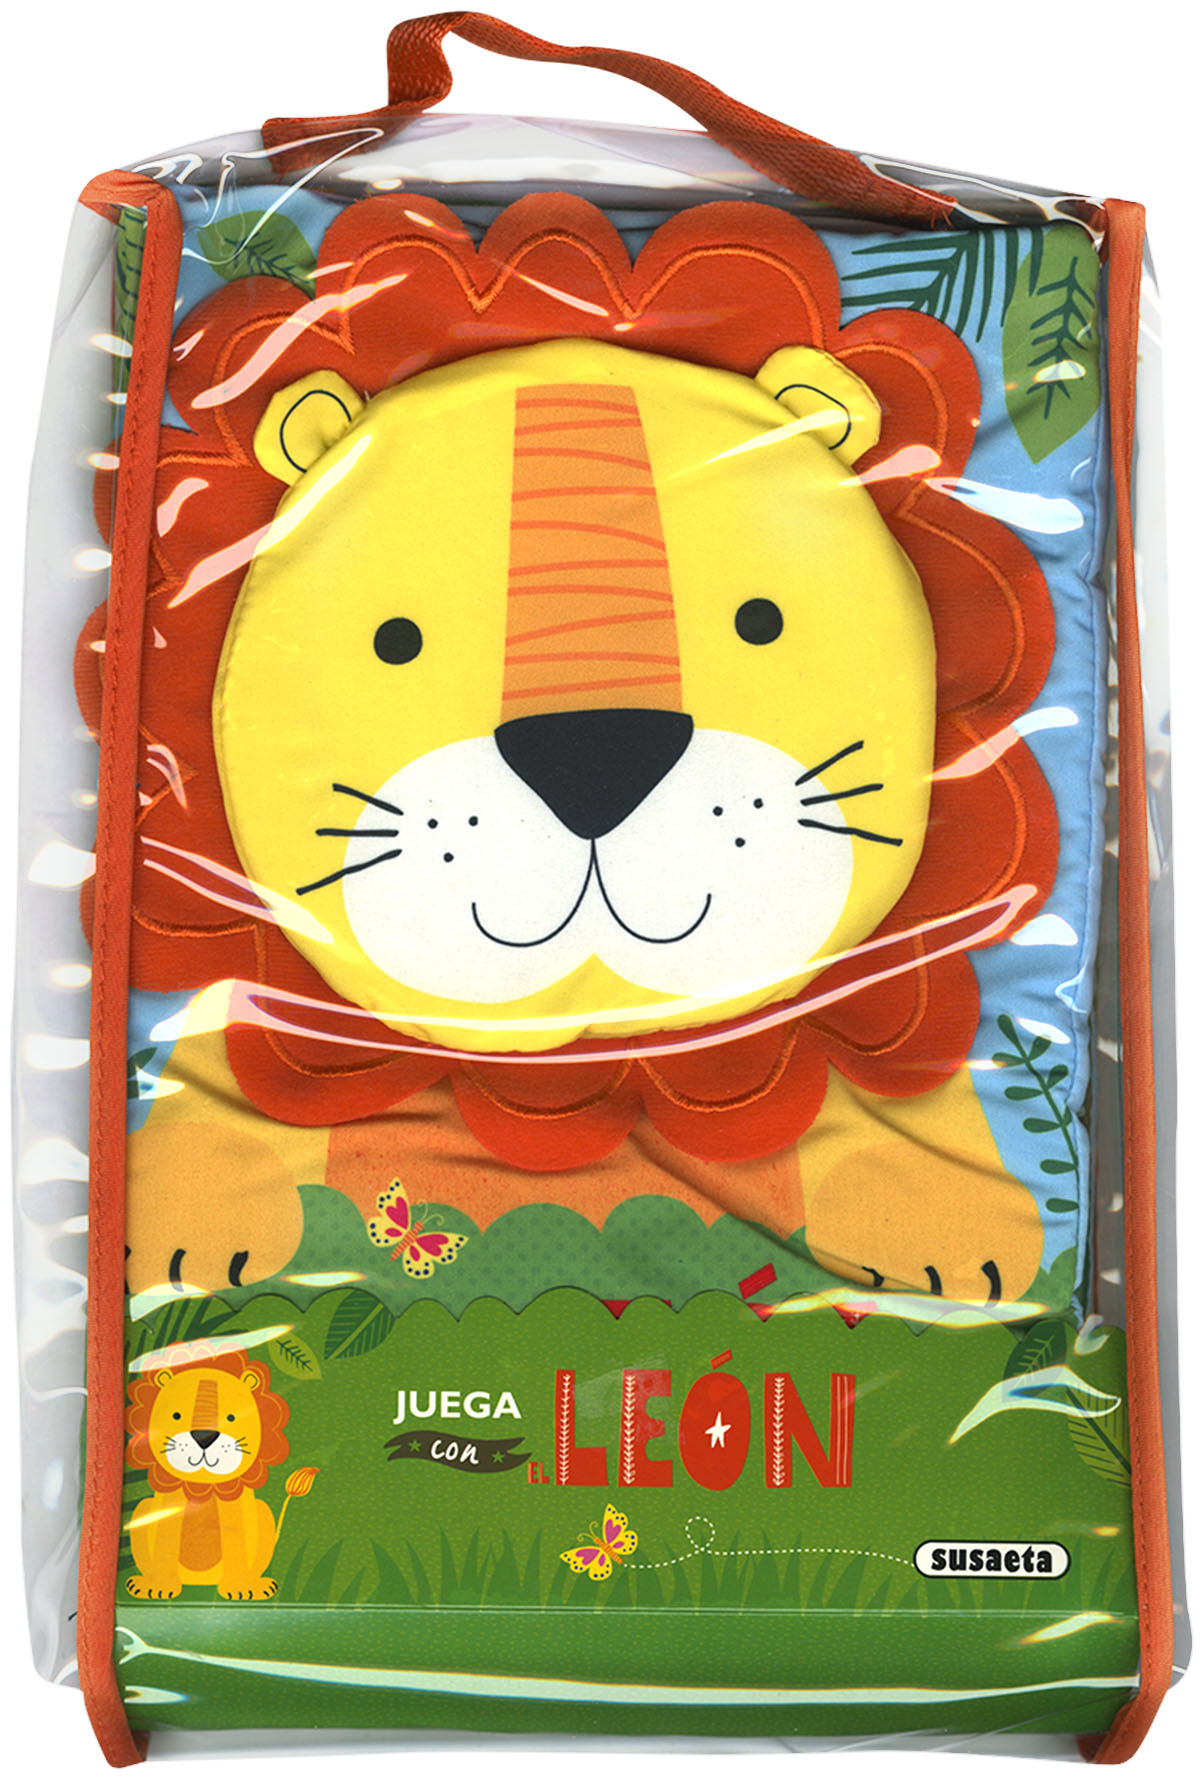 Juega con el león